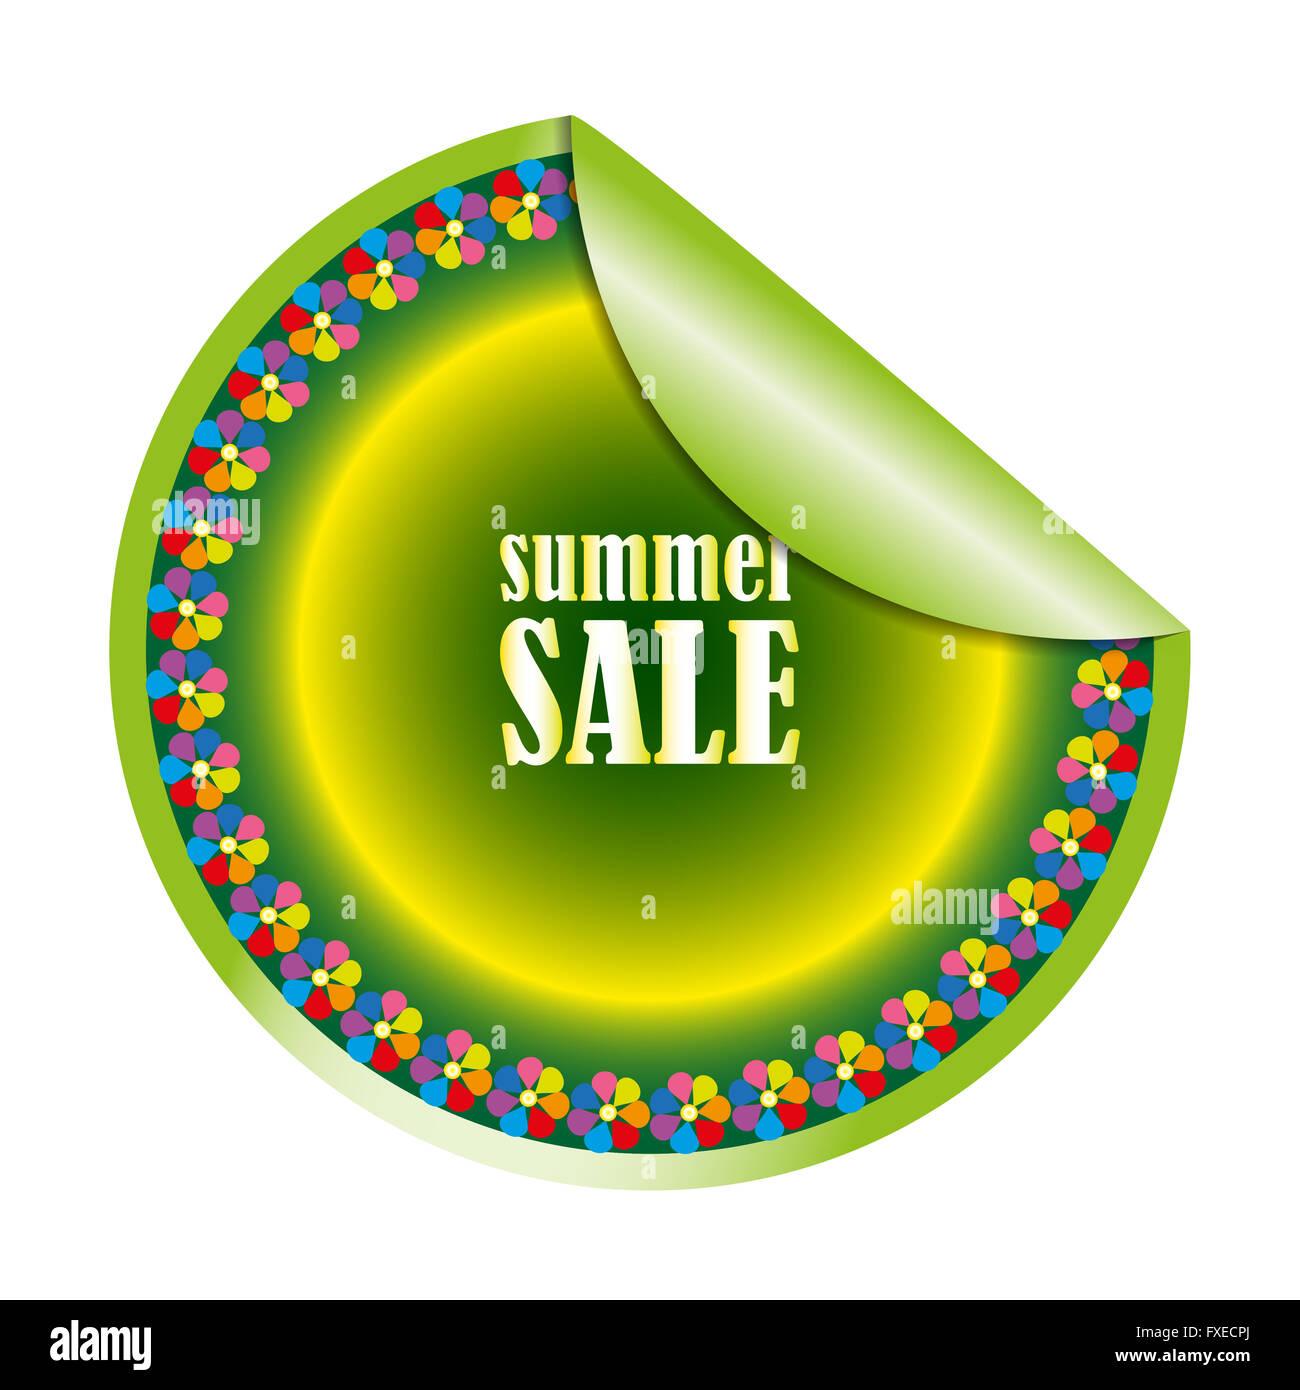 Summer sales round sticker on white background - Stock Image